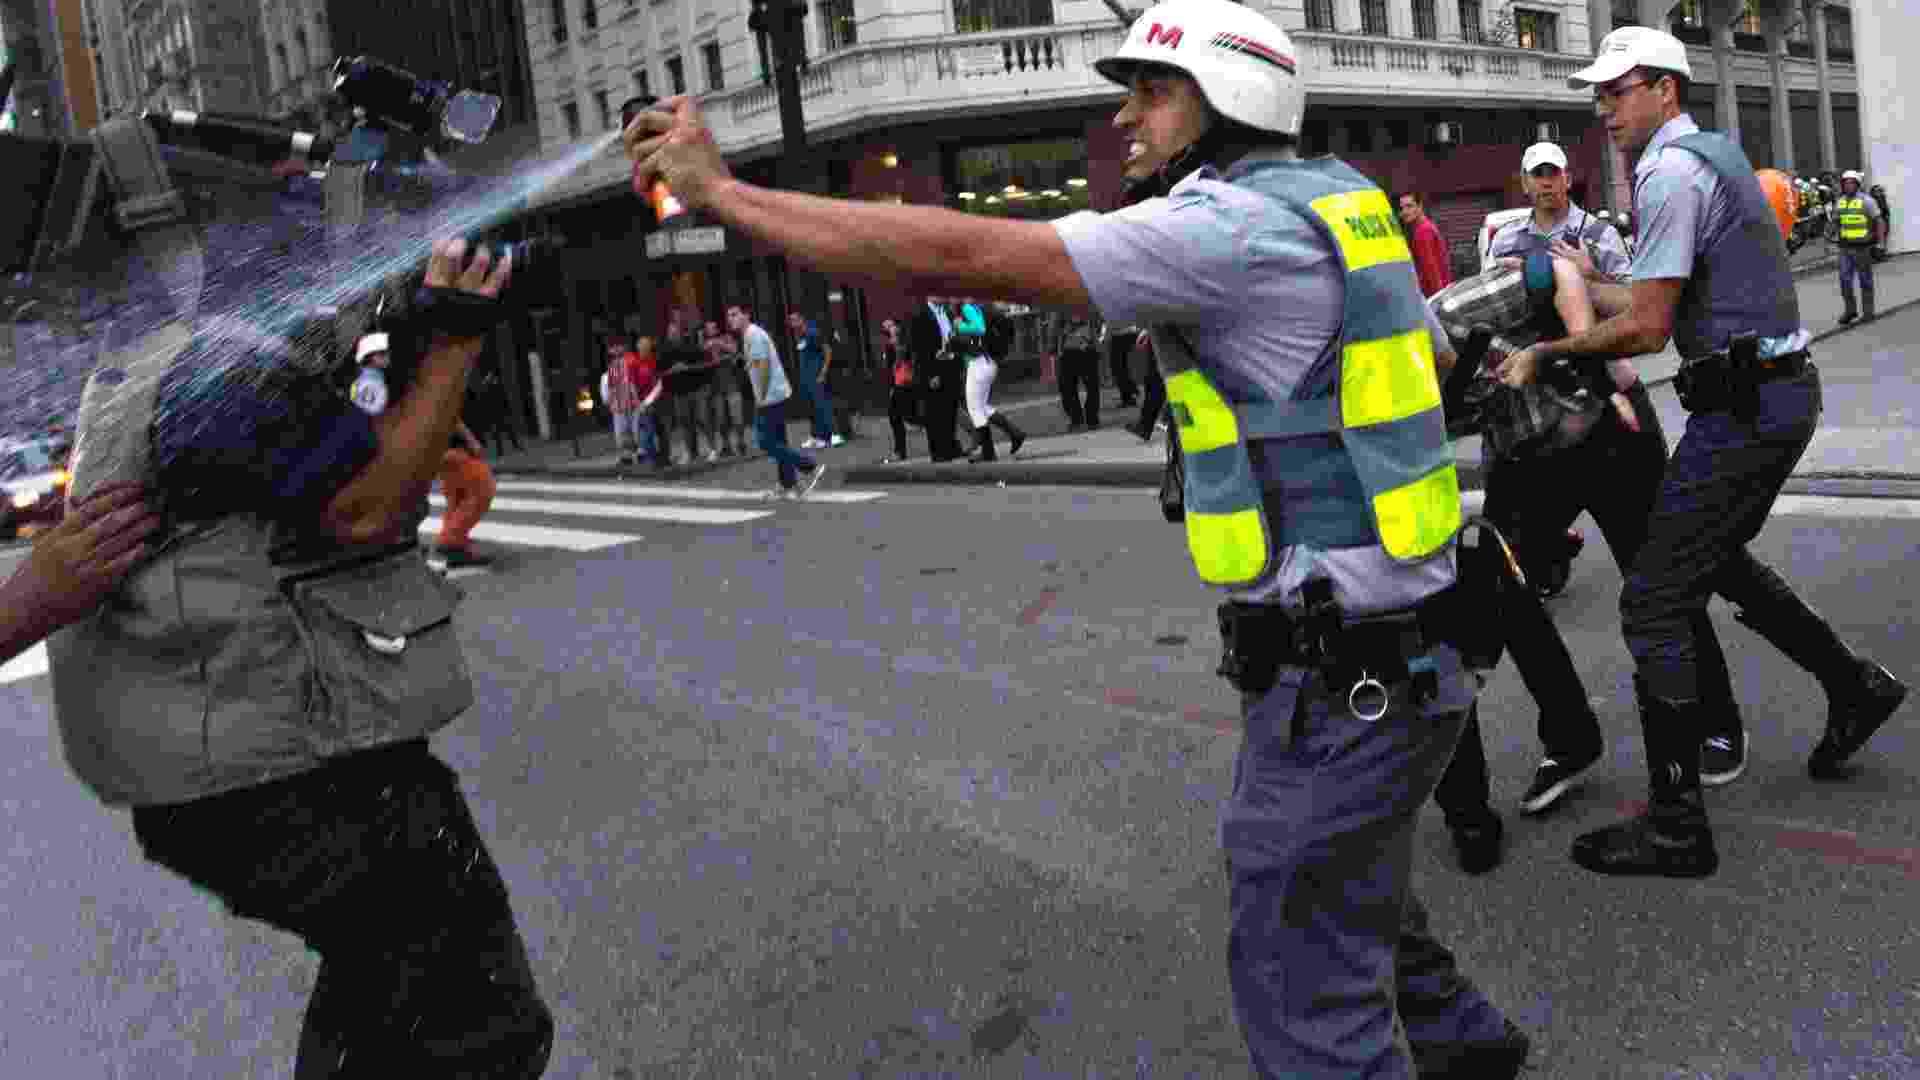 13.jun.2013 - Em São Paulo, policial militar atinge cinegrafista com spray de pimenta durante protesto contra o aumento da tarifa do transporte coletivo, em frente ao Theatro Municipal, no centro da capital. Mais de 40 manifestantes foram detidos pela polícia - Rodrigo Paiva/Estadão Conteúdo